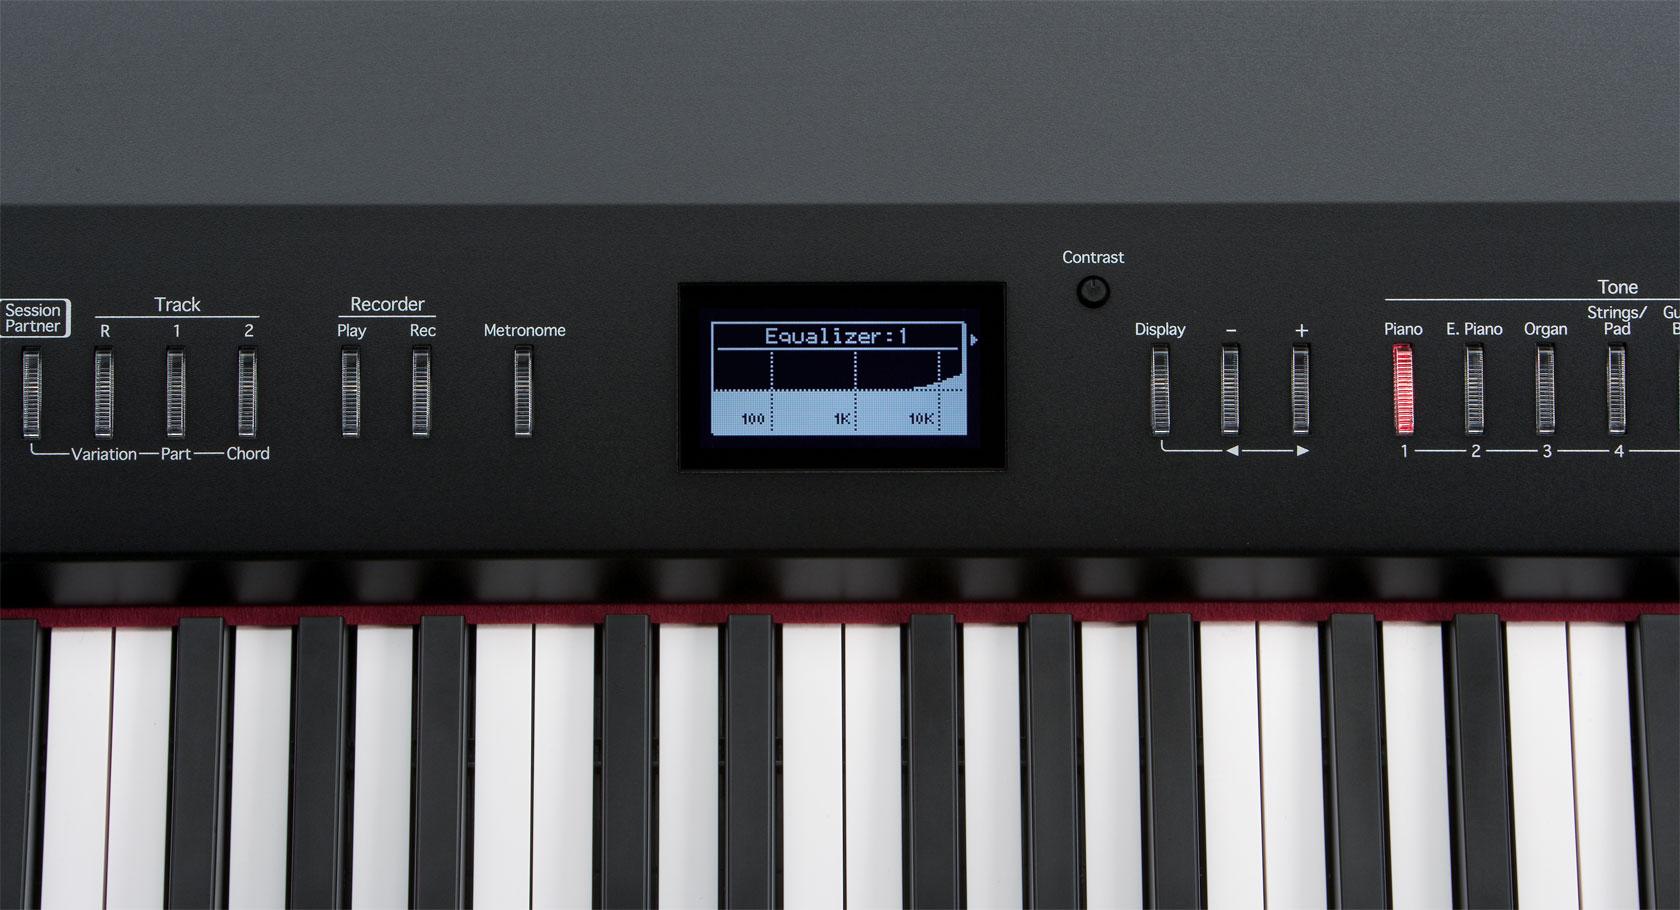 roland fp 7 digital portable piano rh roland com roland fp-7 manual pdf roland fp-7 service manual